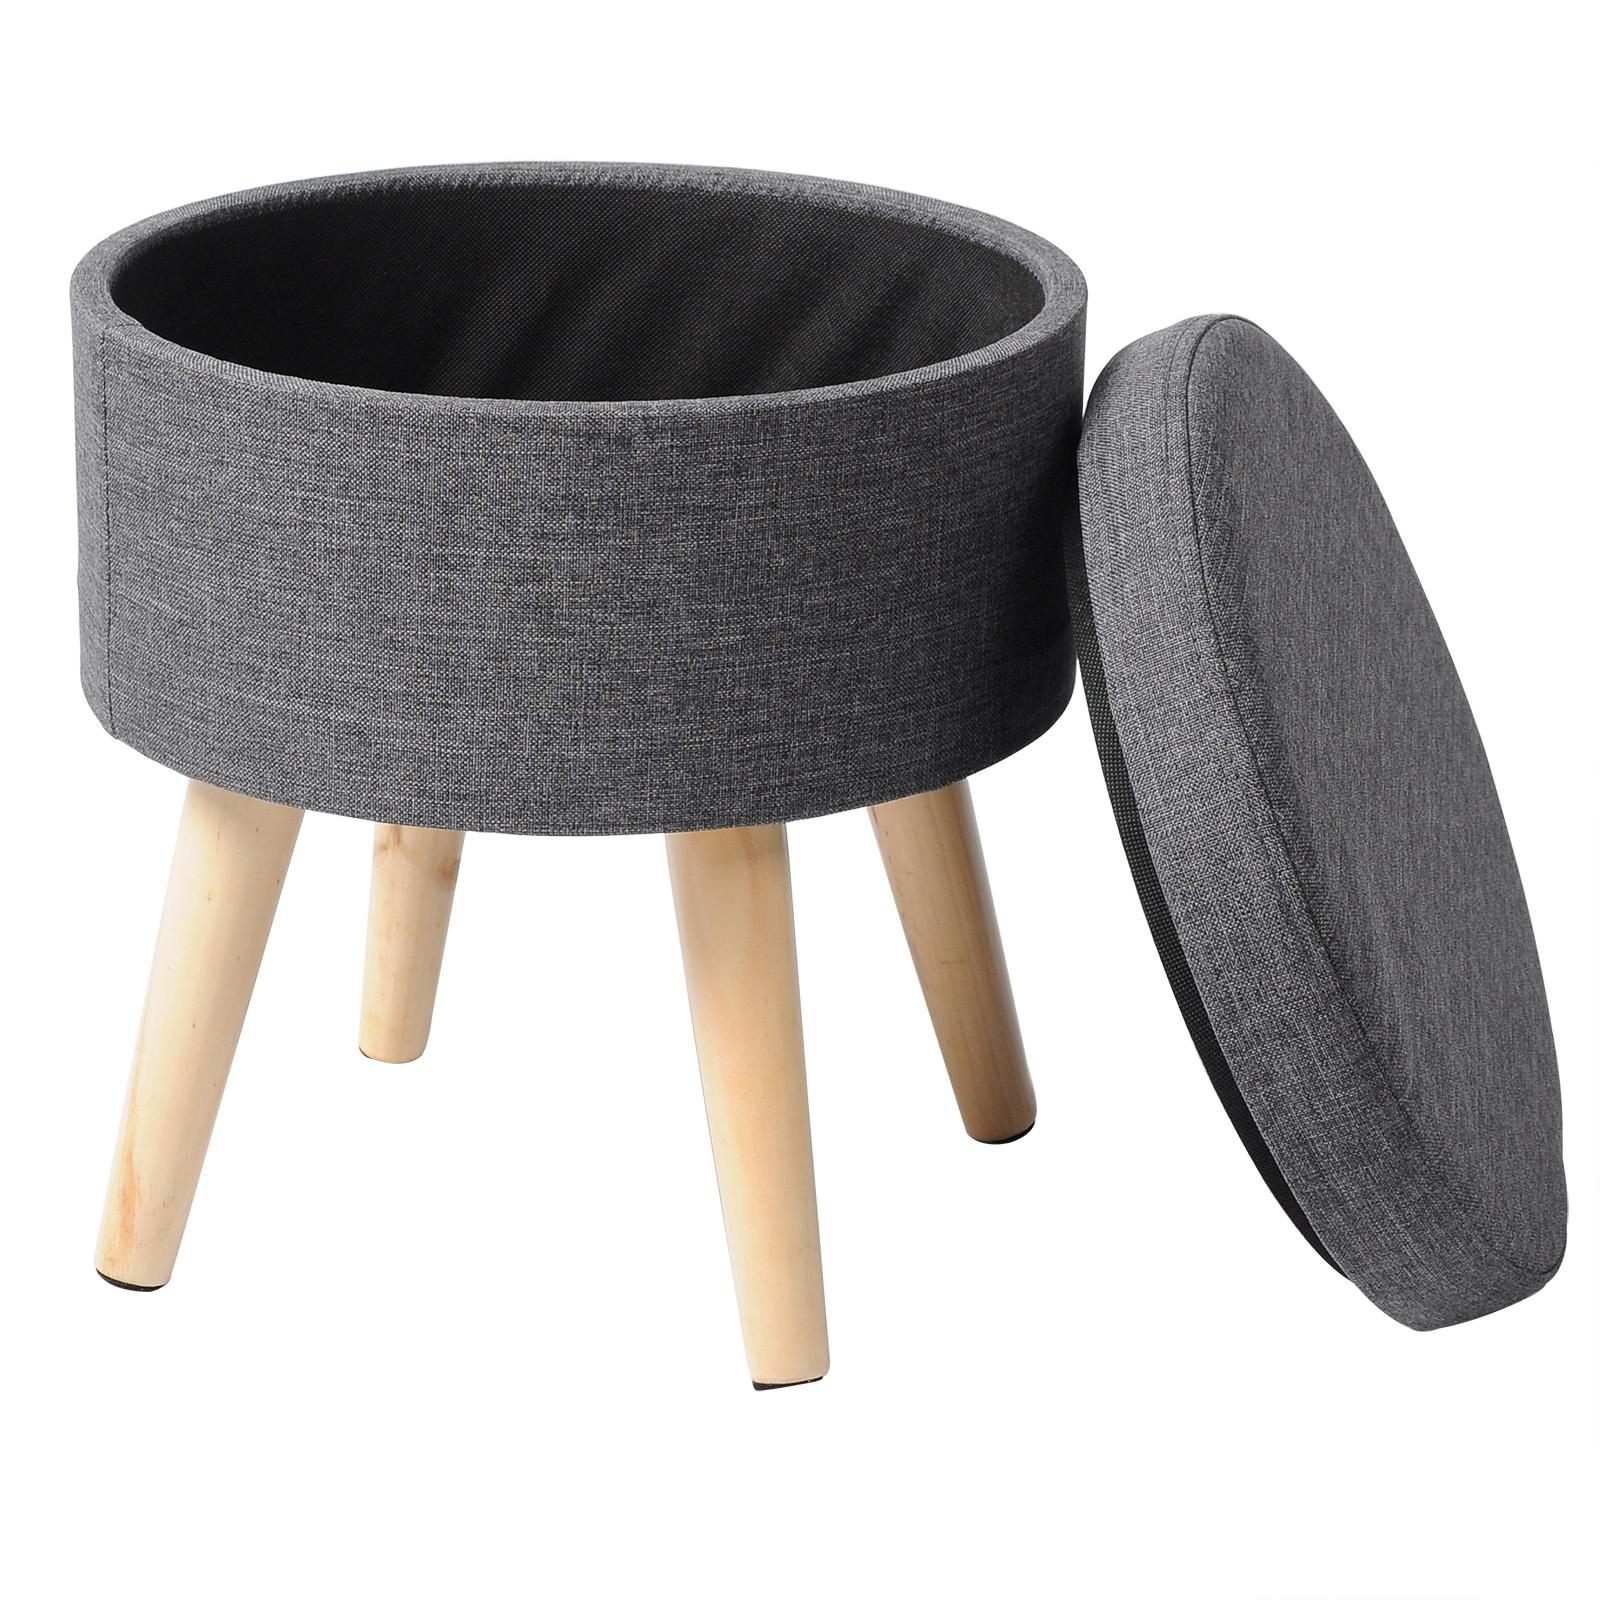 Tabouret rond pouf coffre de rangement repose-pieds en lin et bois massif f202 | eBay